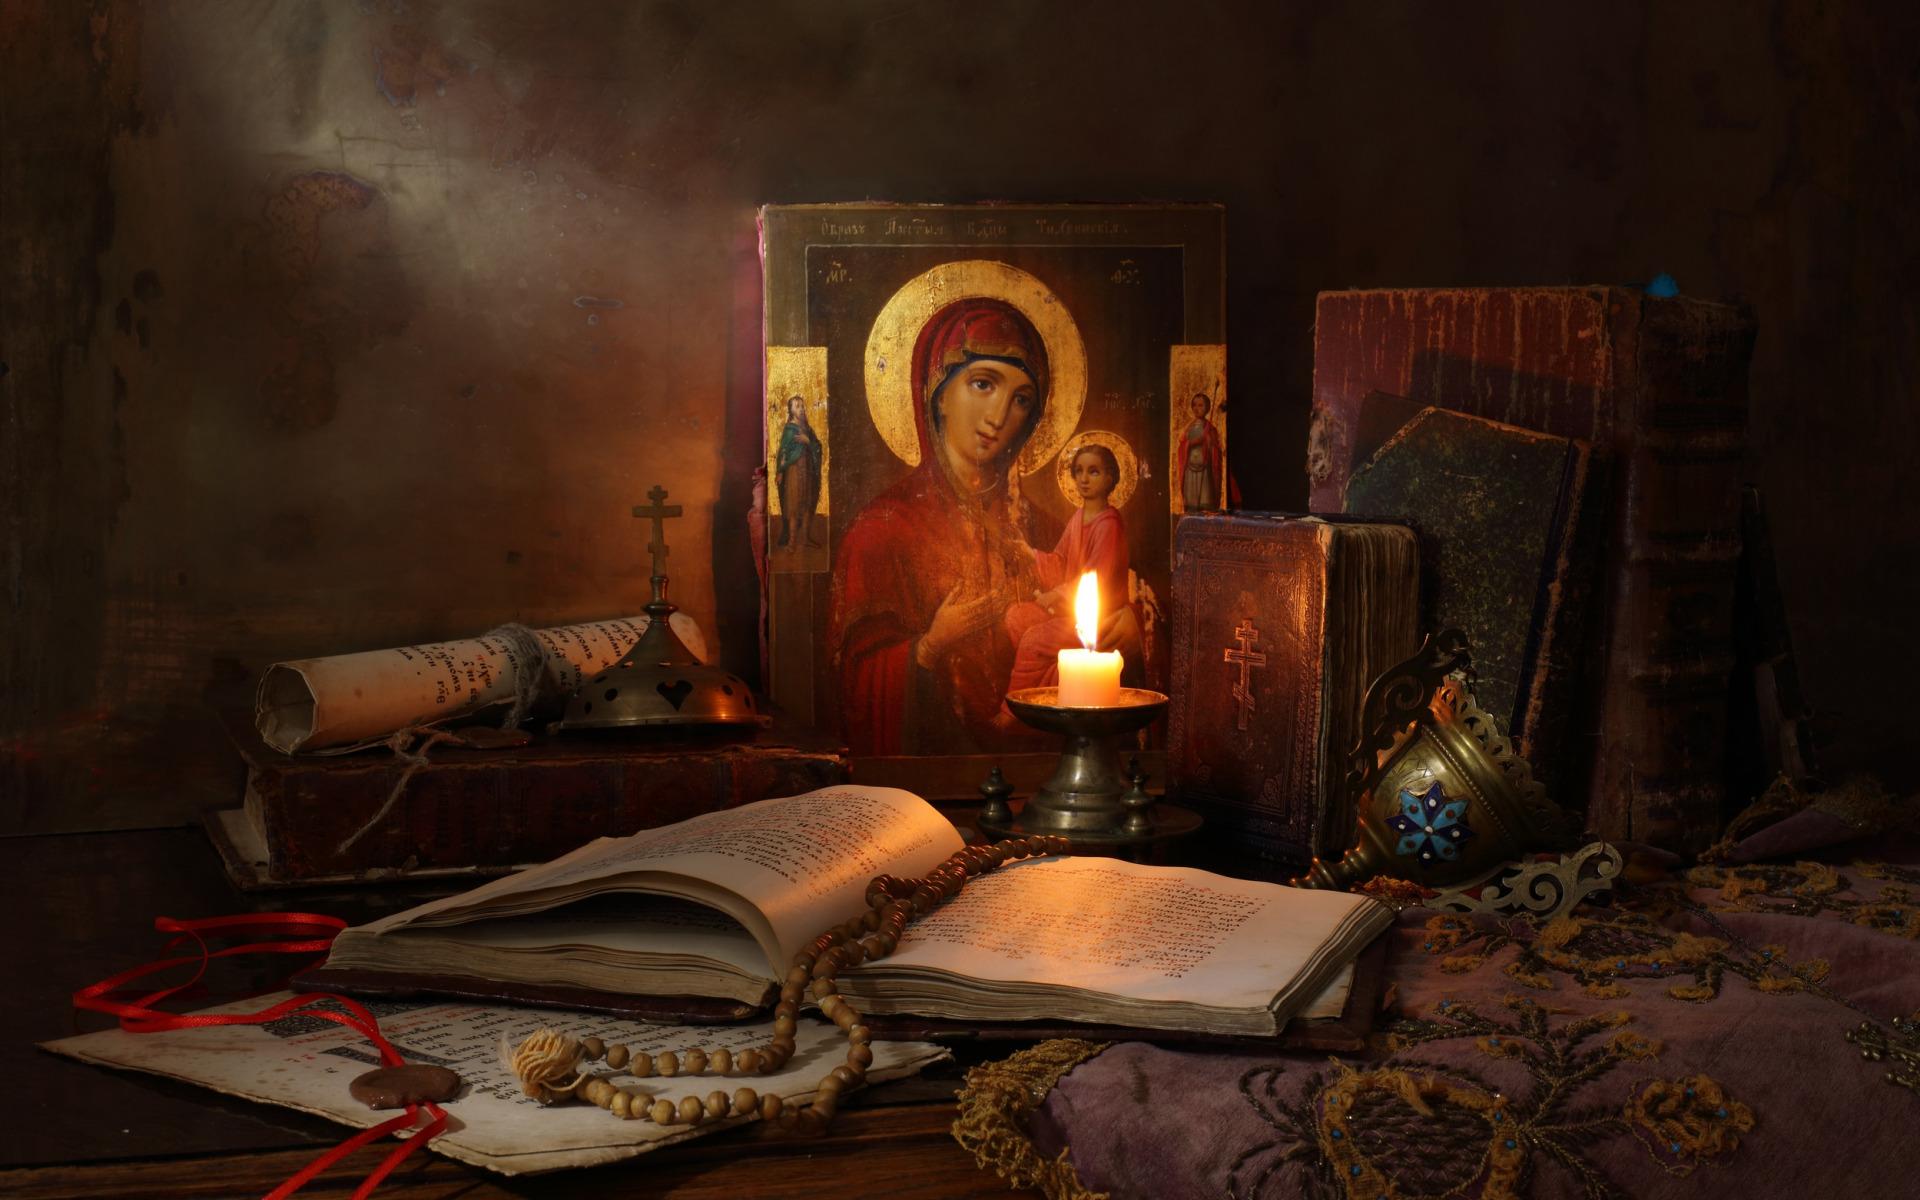 https://img4.goodfon.ru/original/1920x1200/8/c5/natiurmort-s-ikonoi-knigi-i-svechi-still-life-with-icon-book.jpg